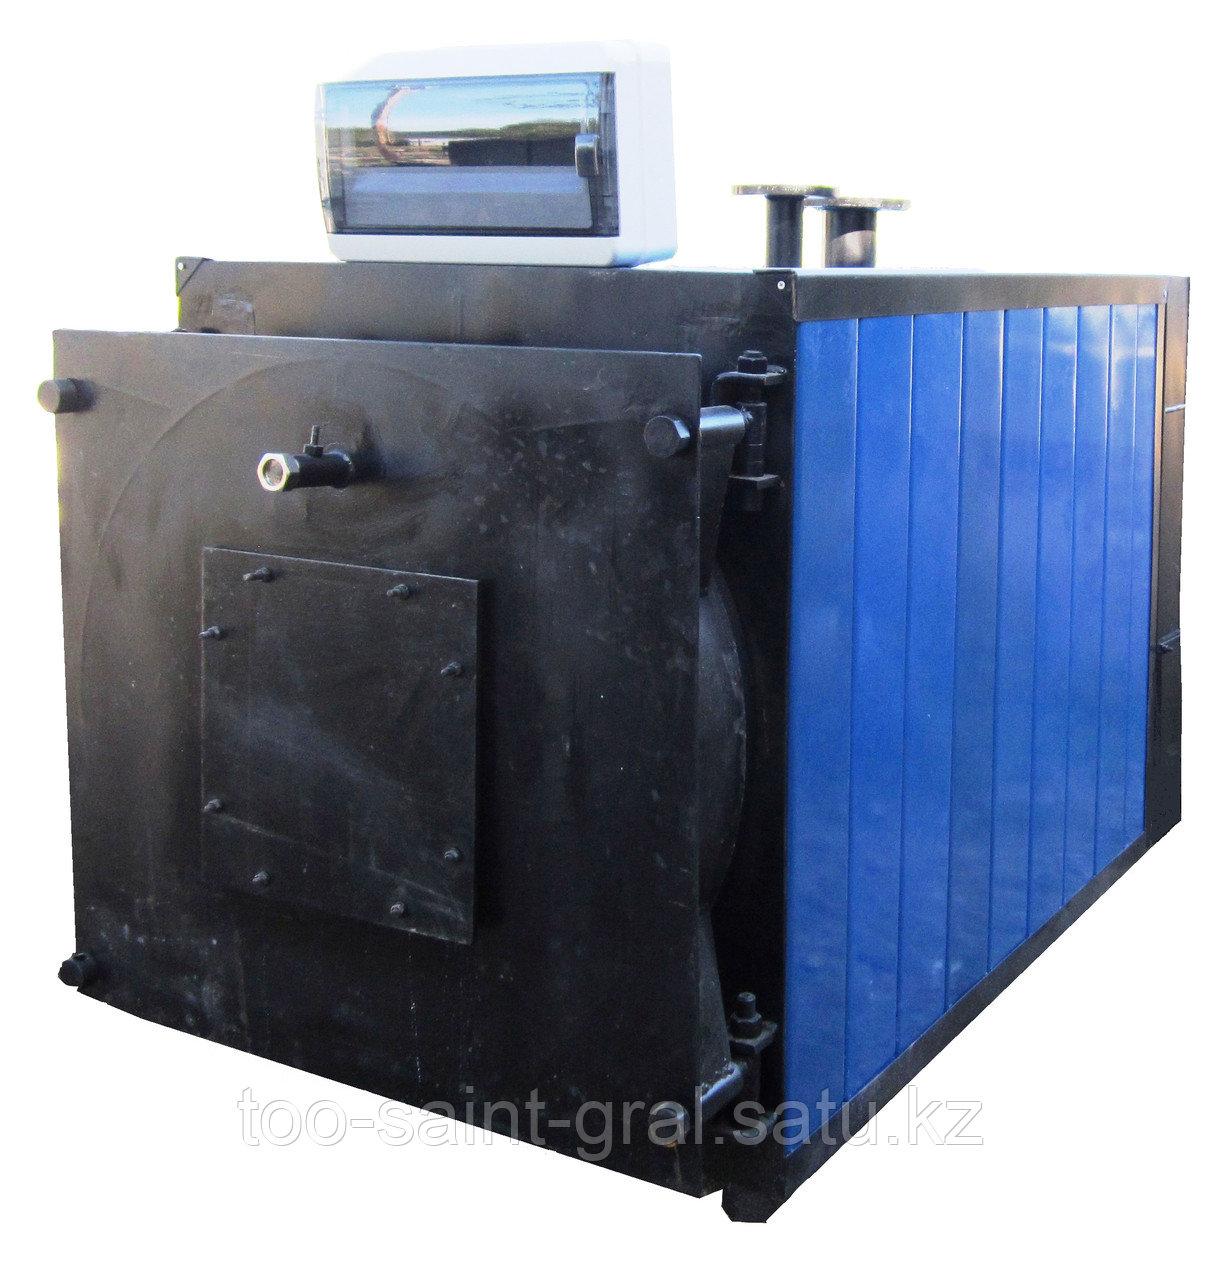 ВВ-620  Котёл водогрейный на жидком топливе и газе